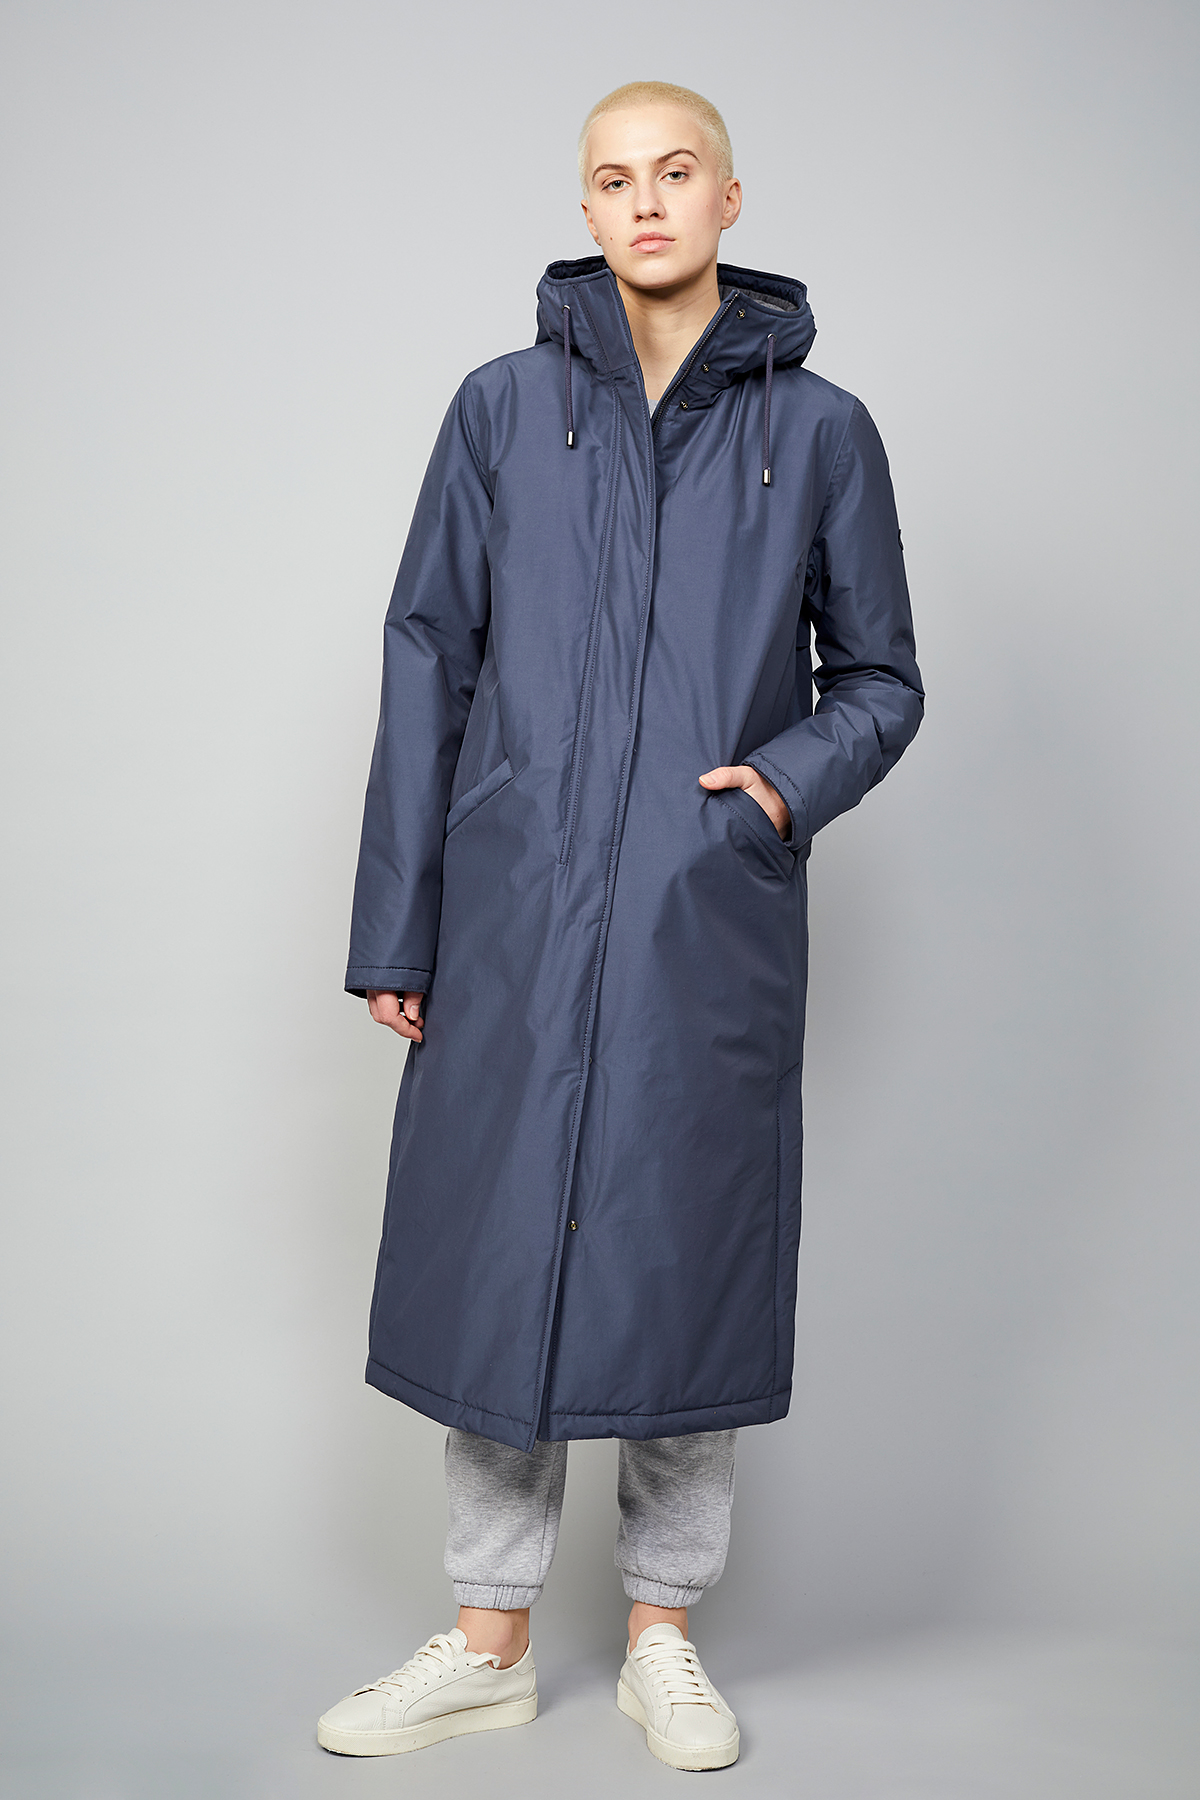 Wetterfester Damen-Mantel Milport Padded steel blue